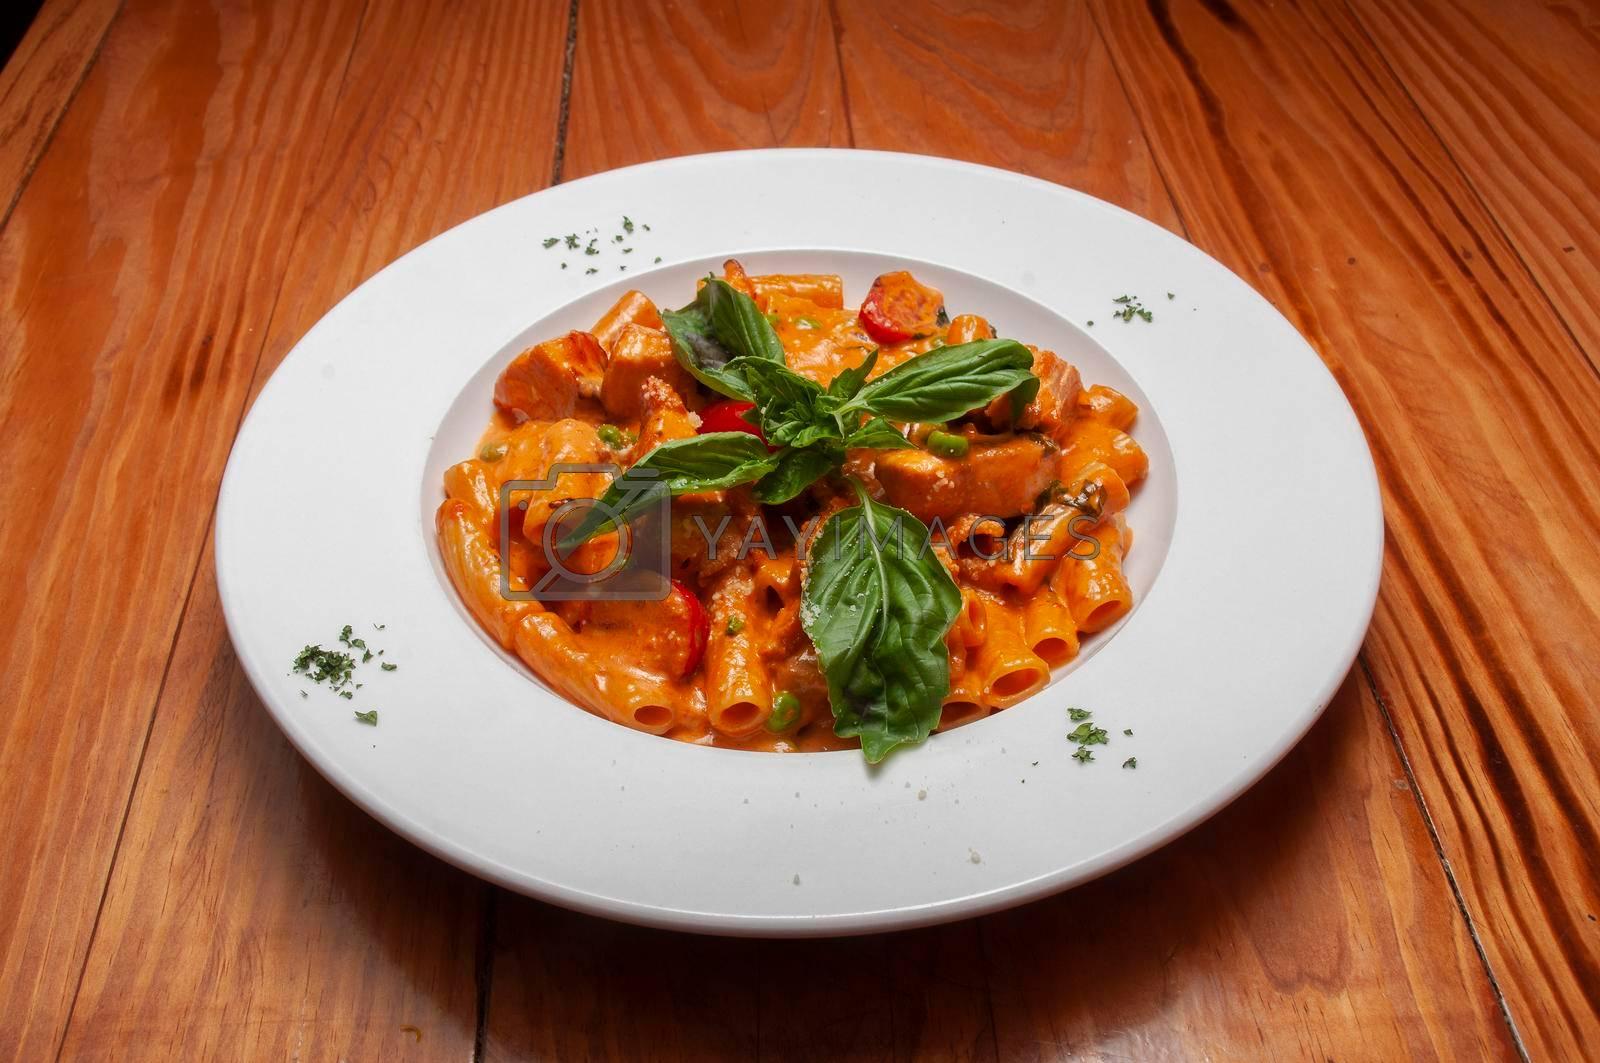 Delicious Italian dish known as Penne Alla Vodka